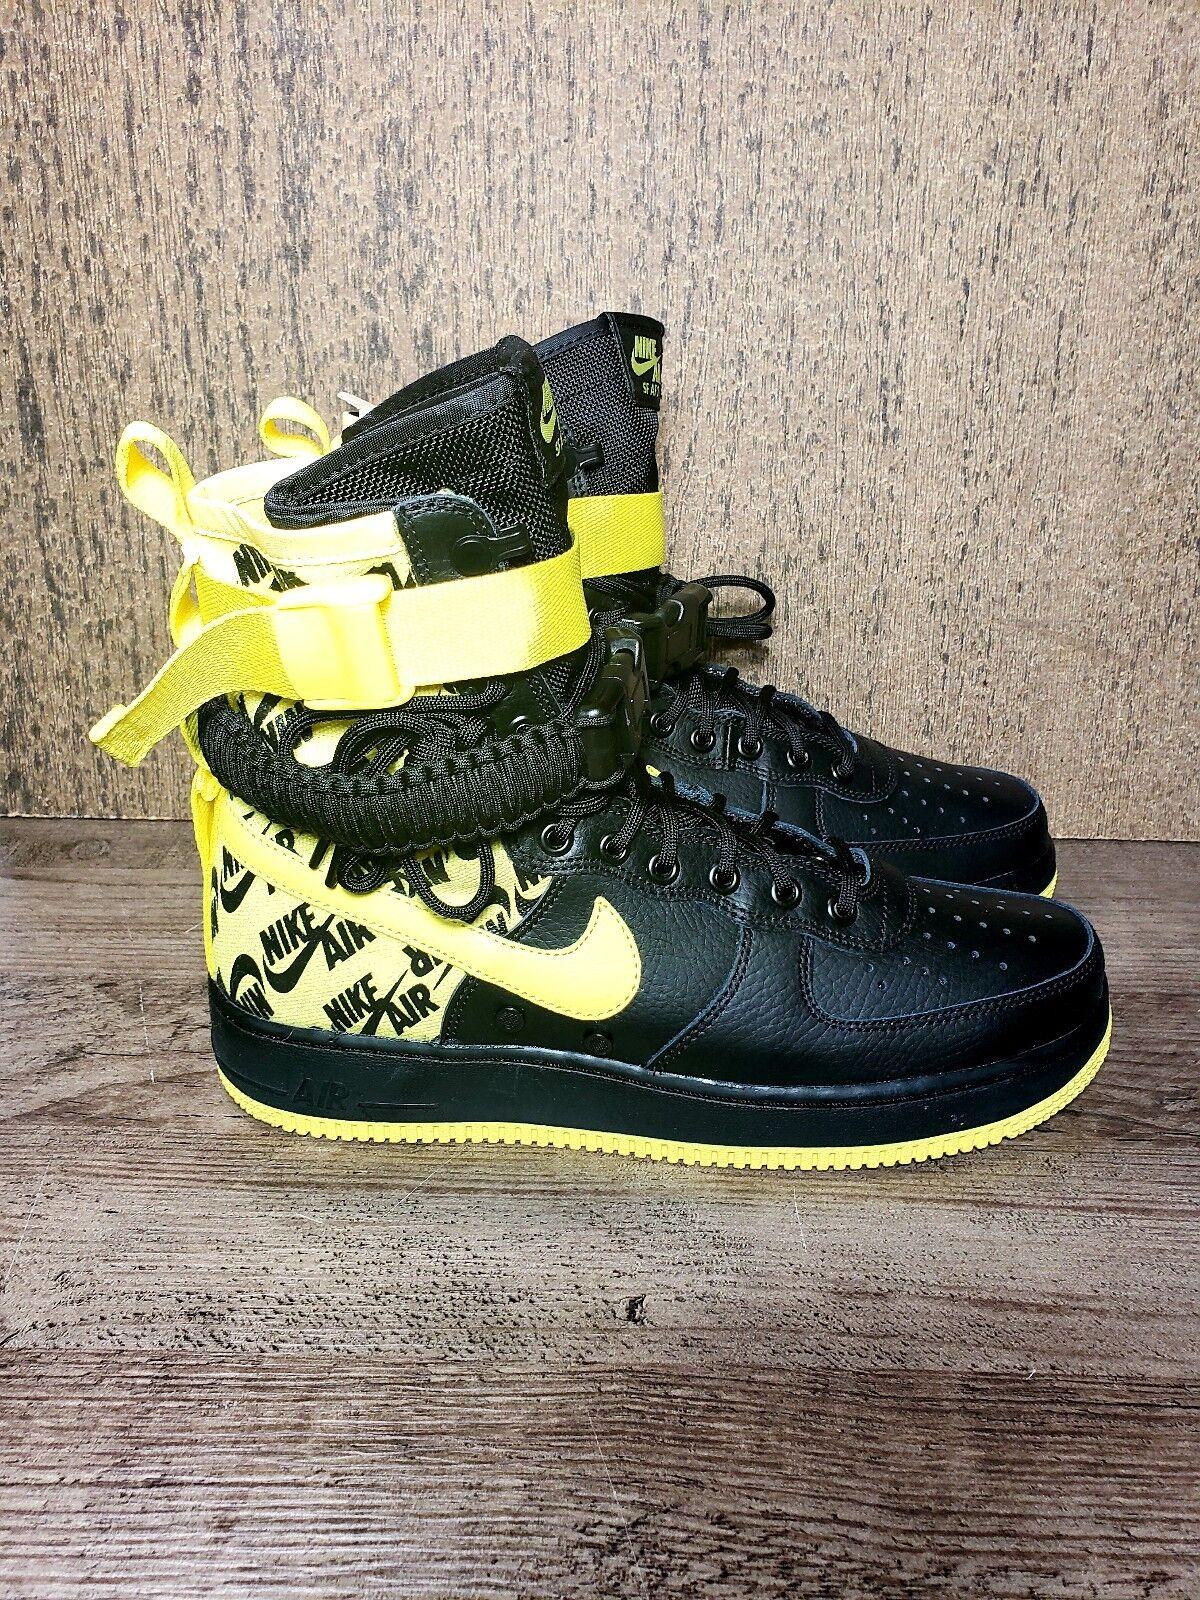 Nike SF AF1 Air Force One High Dynamic Yellow Black Sz 9.5 AR1955 001 WINTERIZED